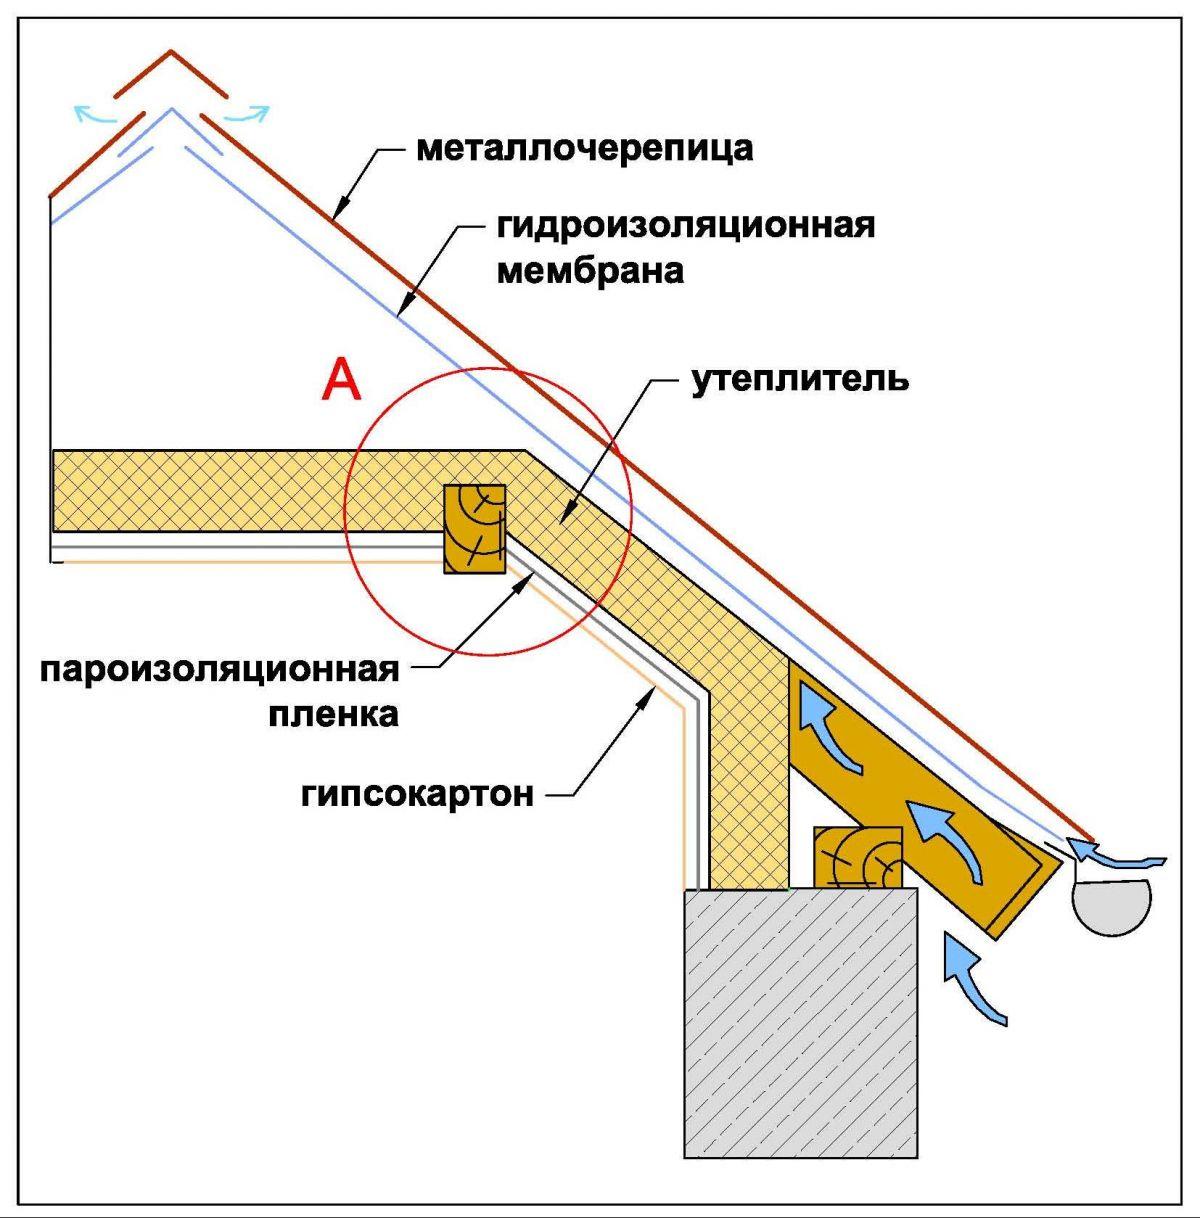 Пароизоляции для крыши загородного дома